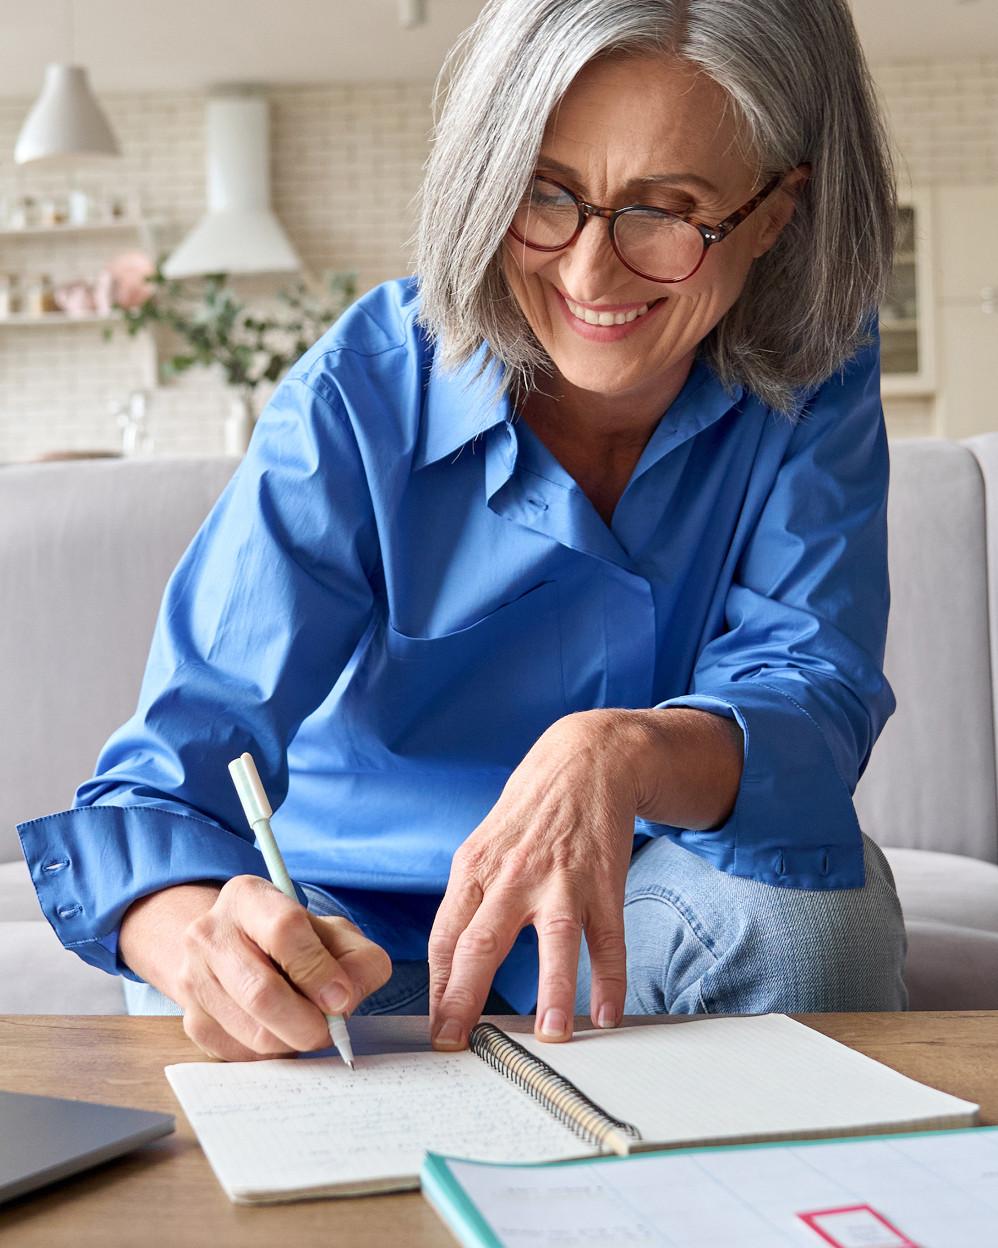 signora anziana che scrive su un bloc-notes